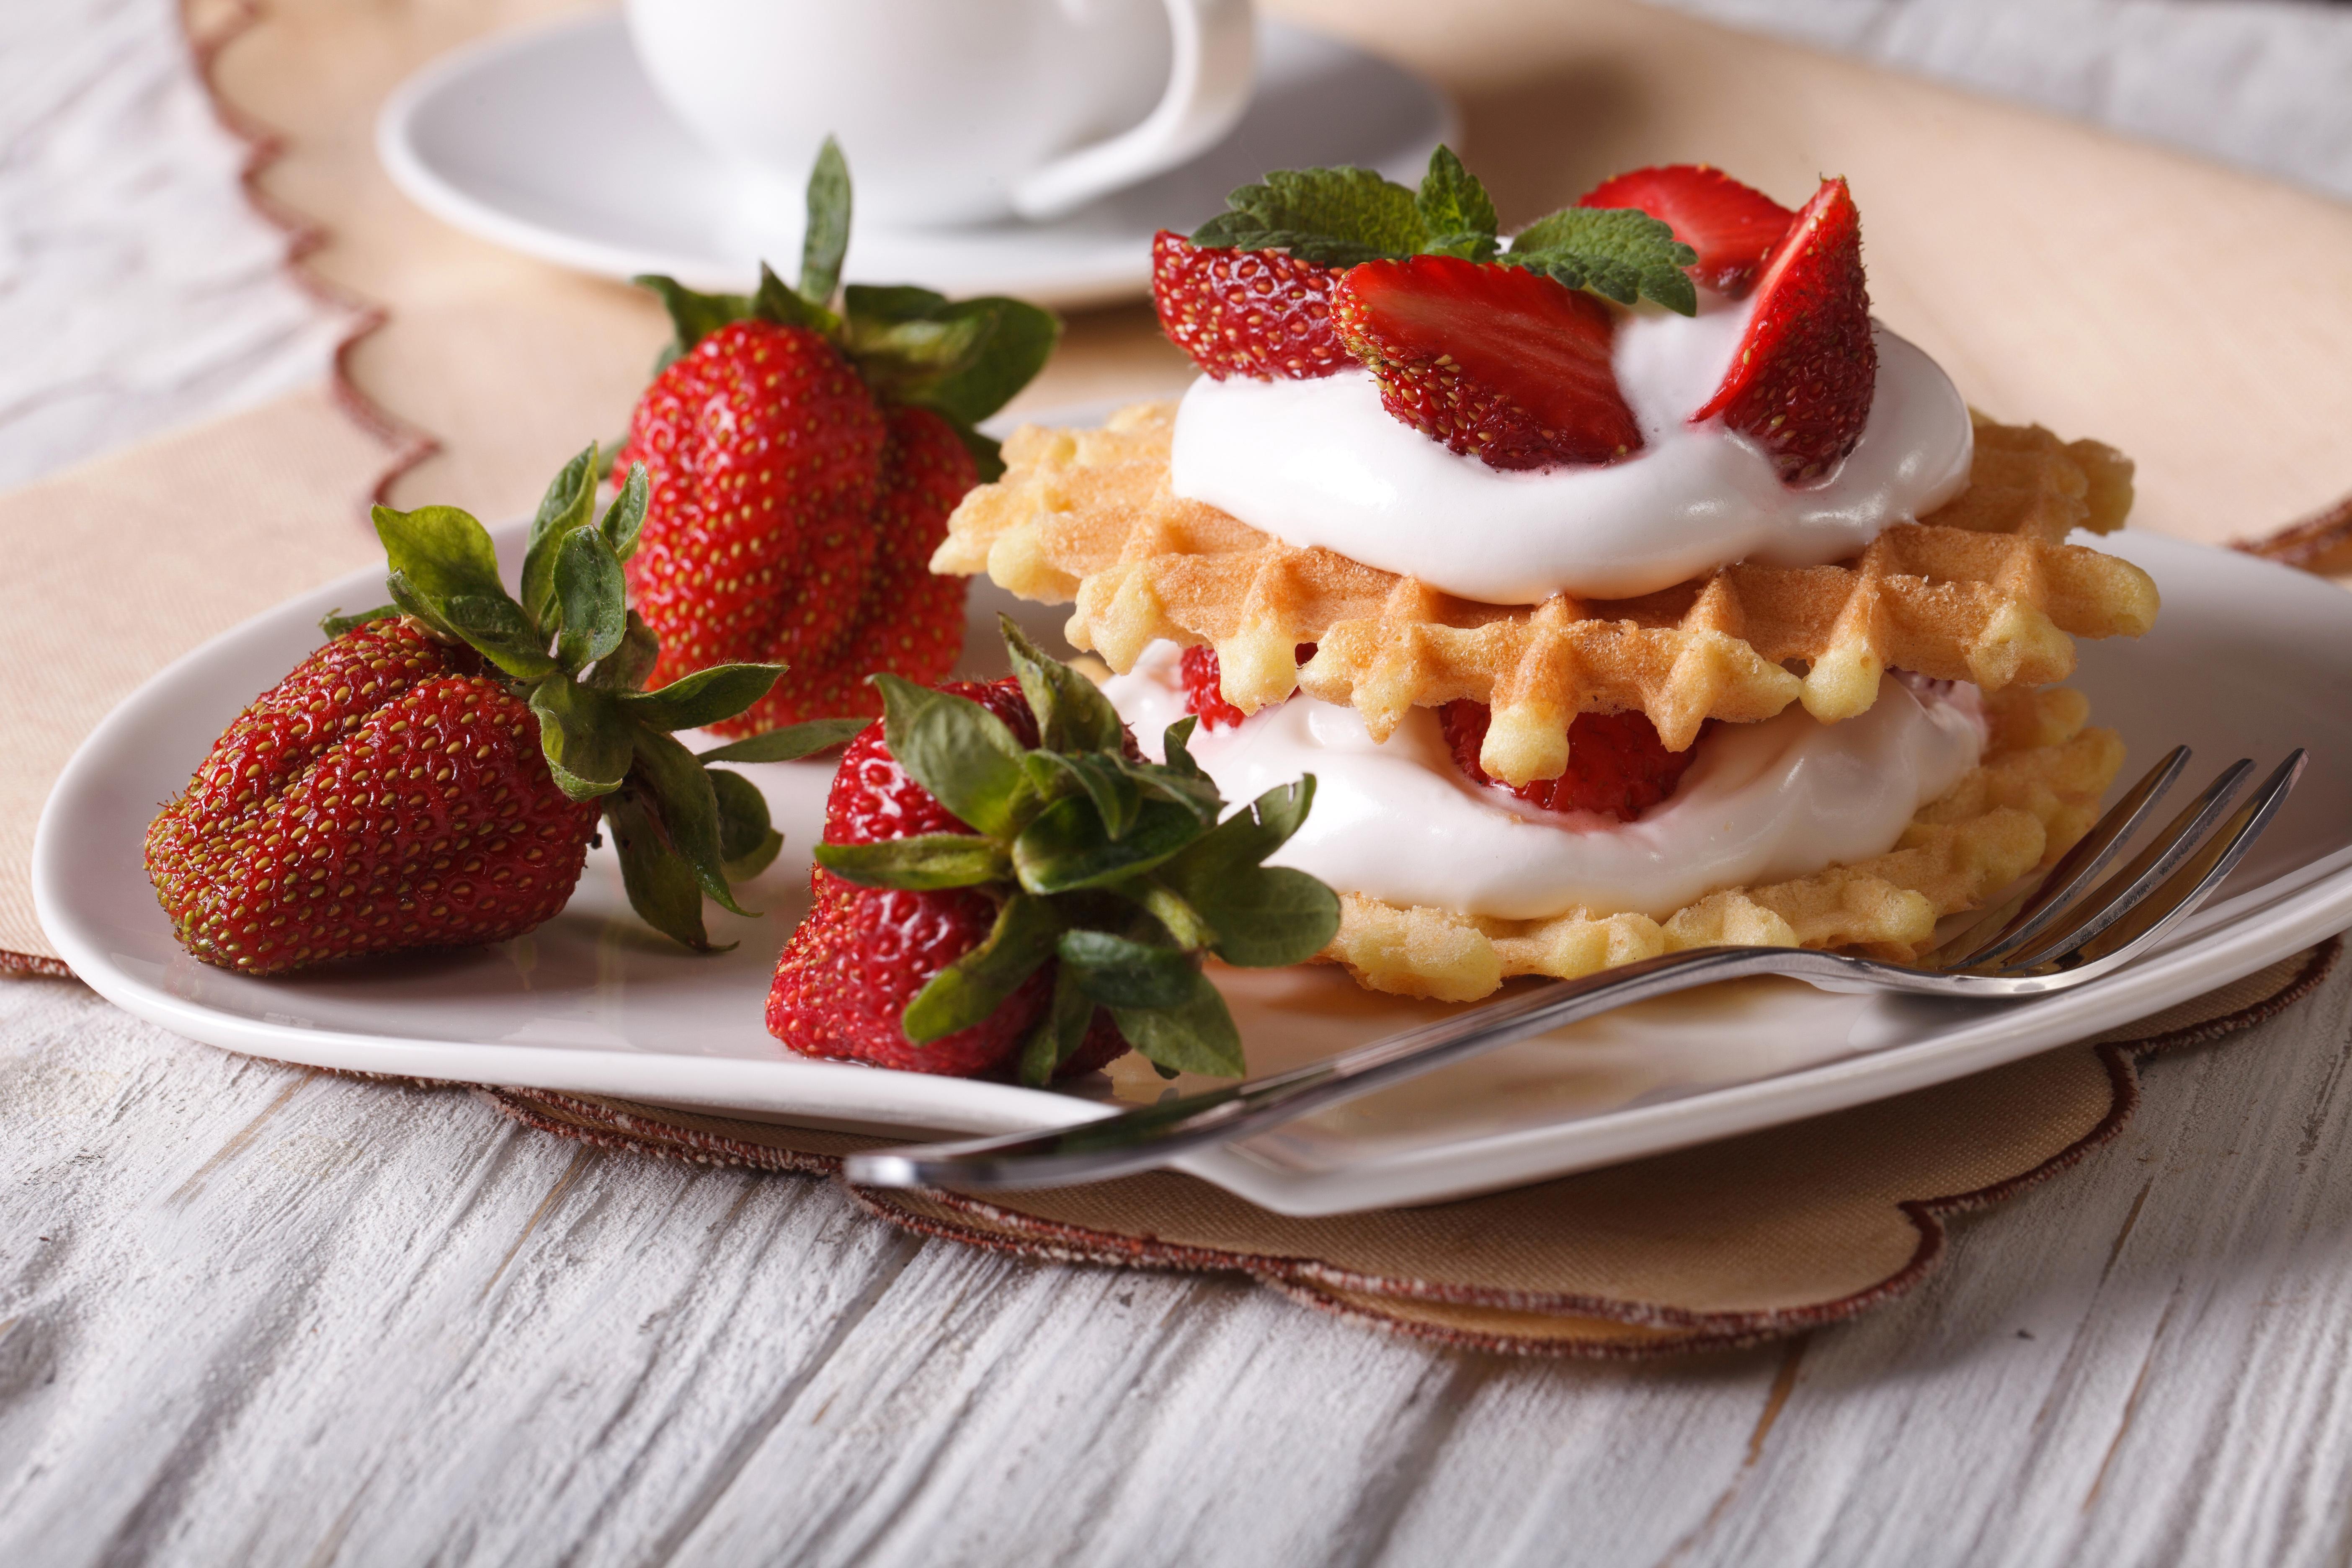 пирожное клубника тарелка десерт  № 3679792 загрузить